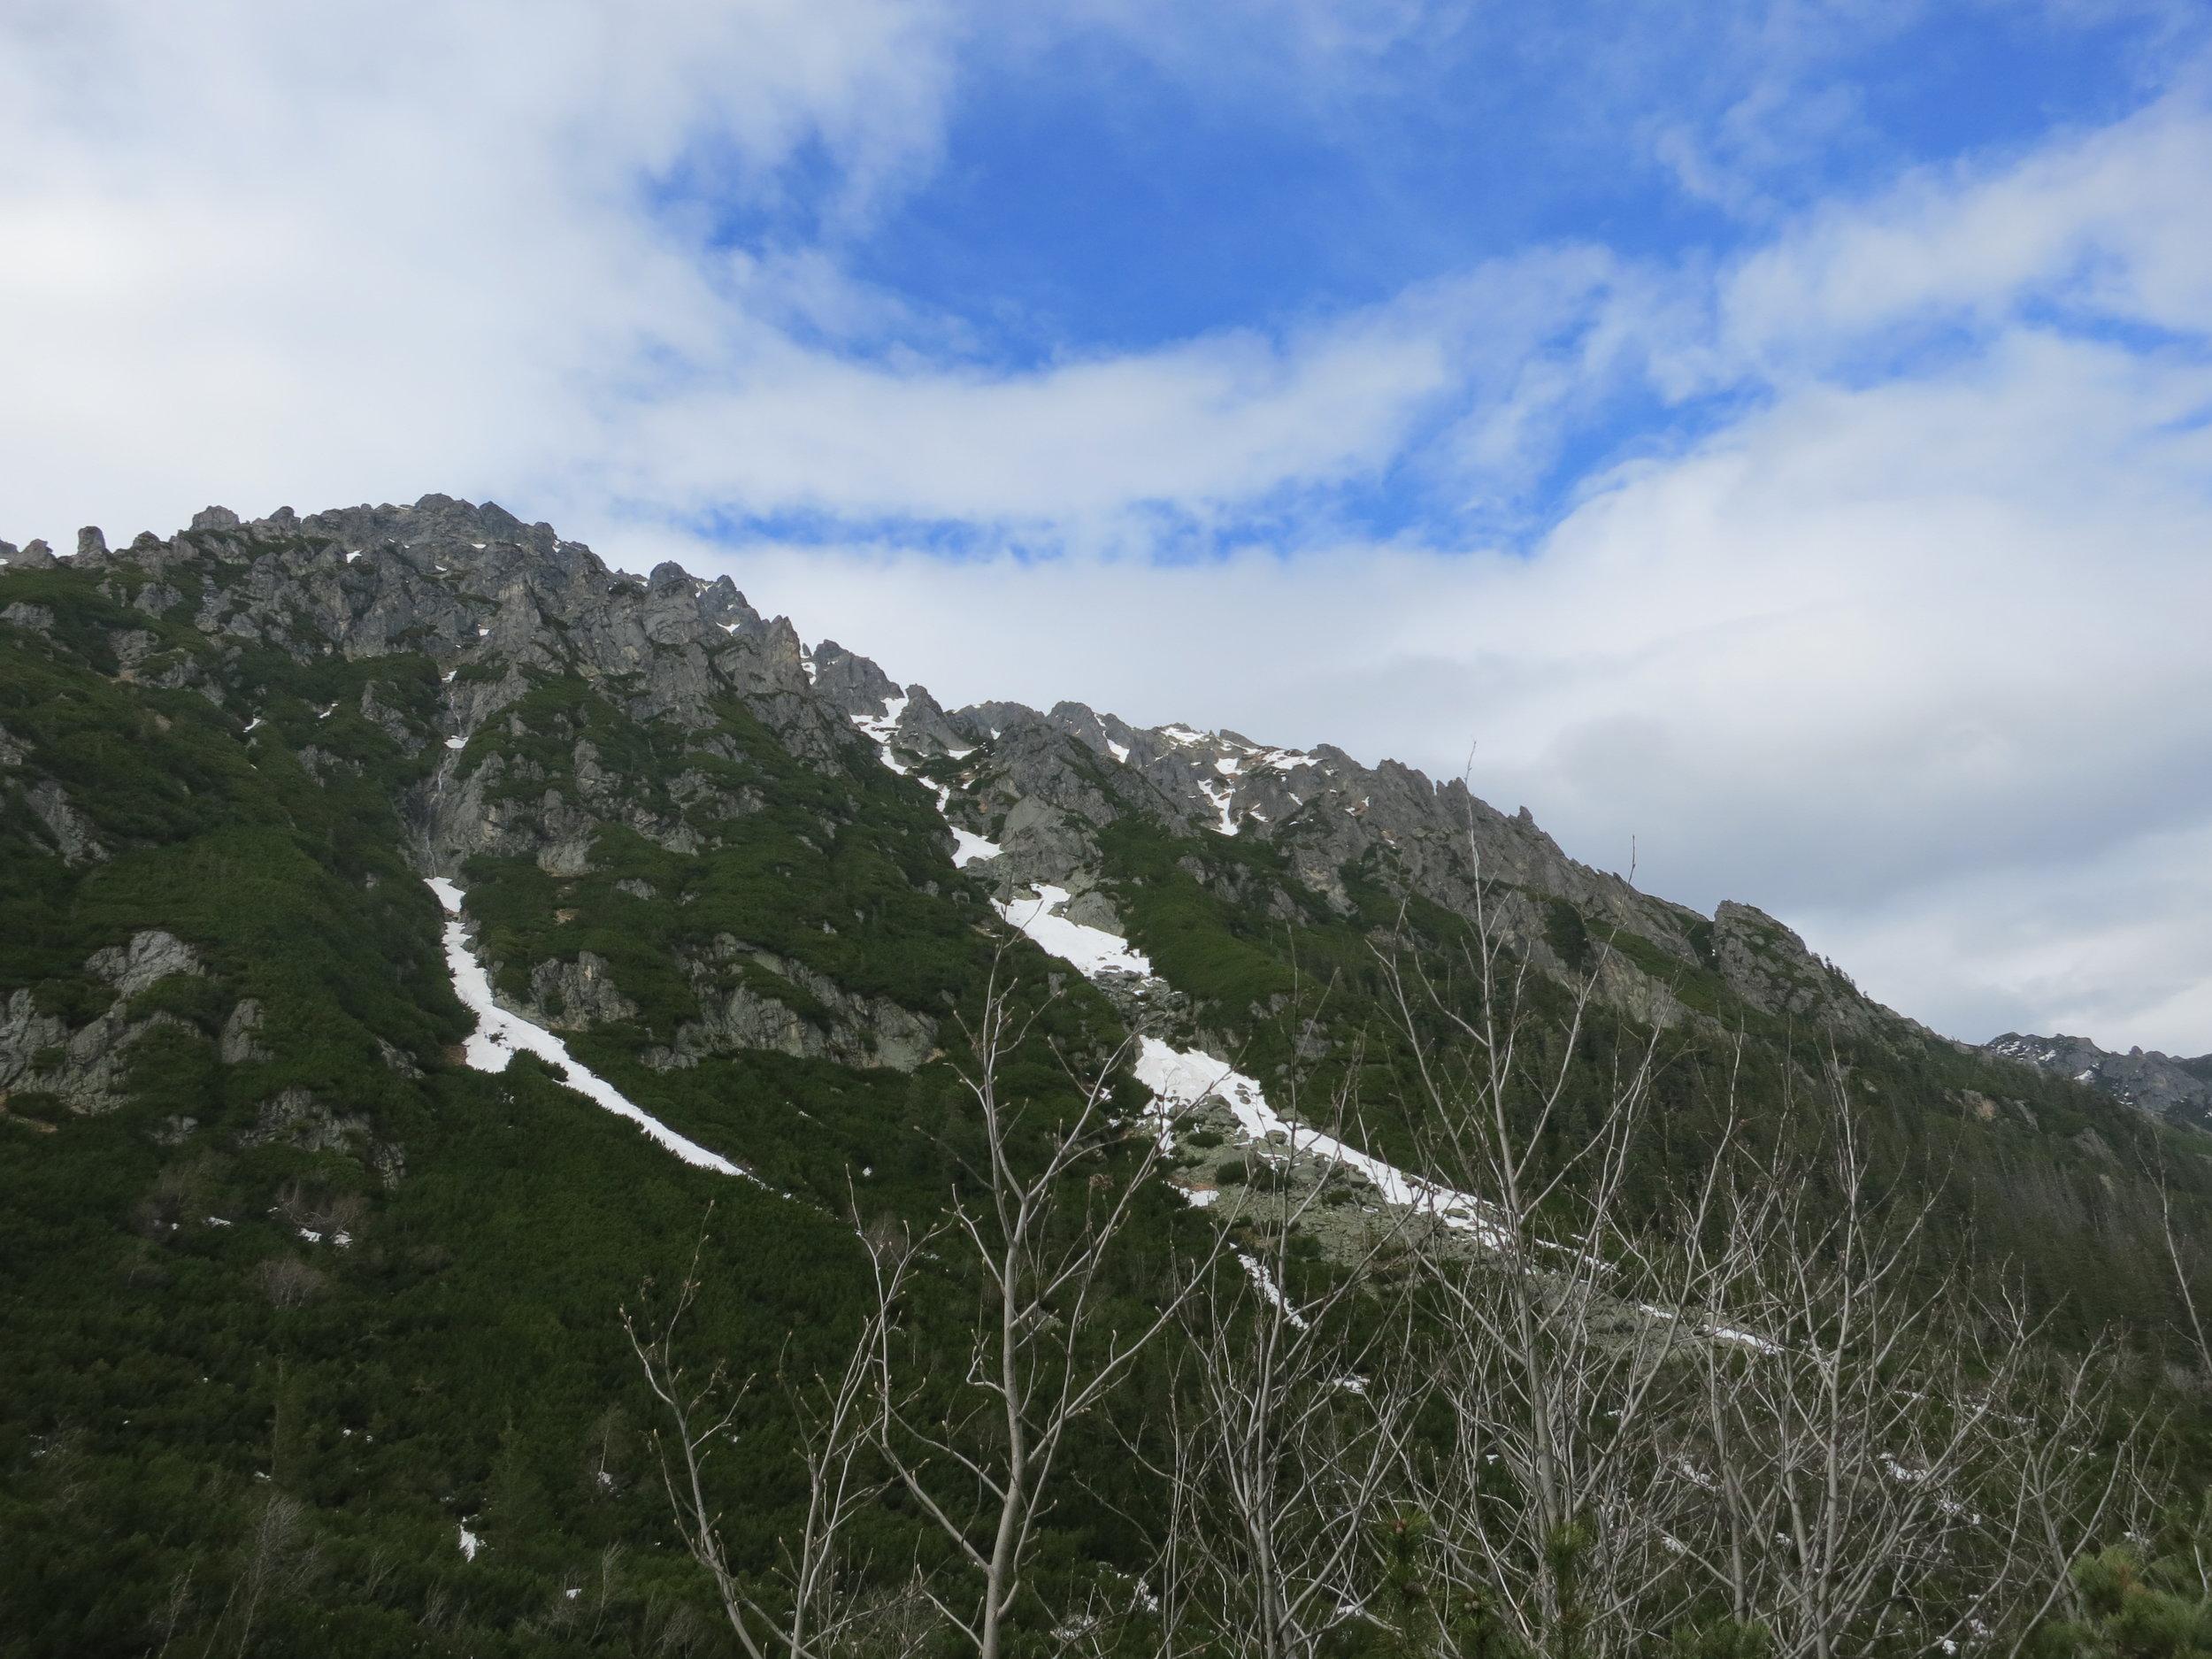 Mountain views from Dolina Pięciu Stawów